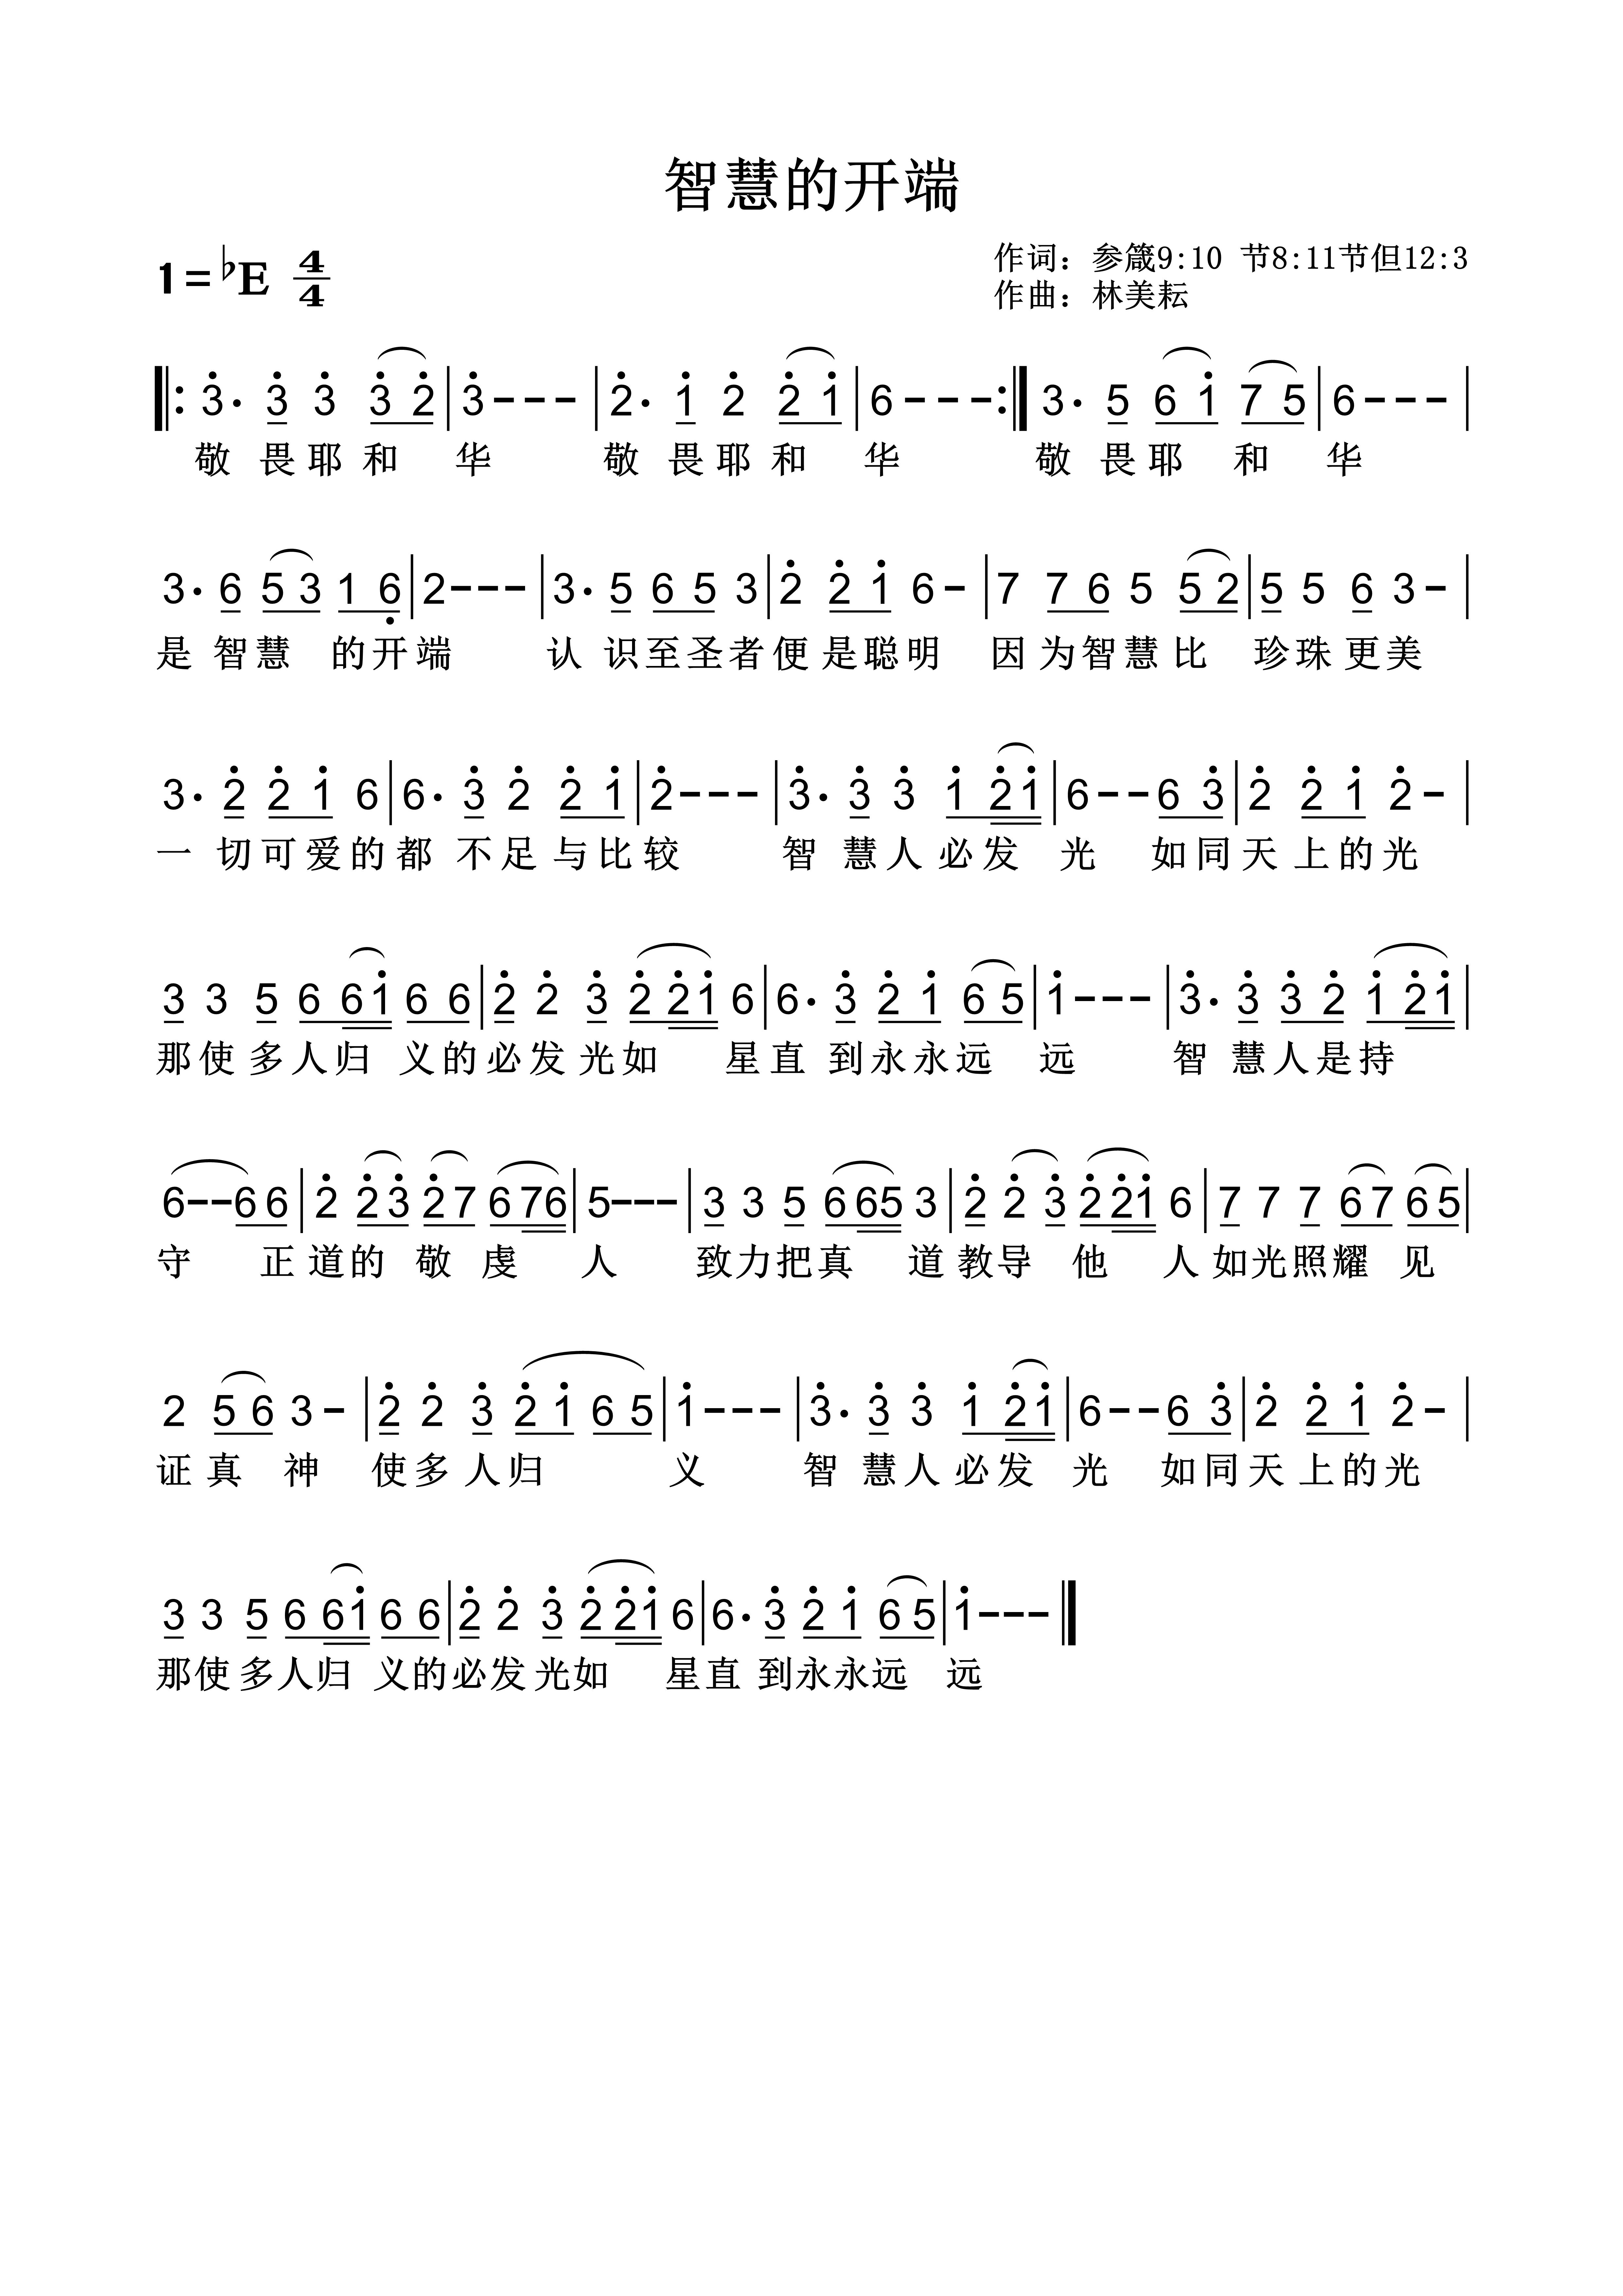 《智慧的开端 官方和弦简谱》